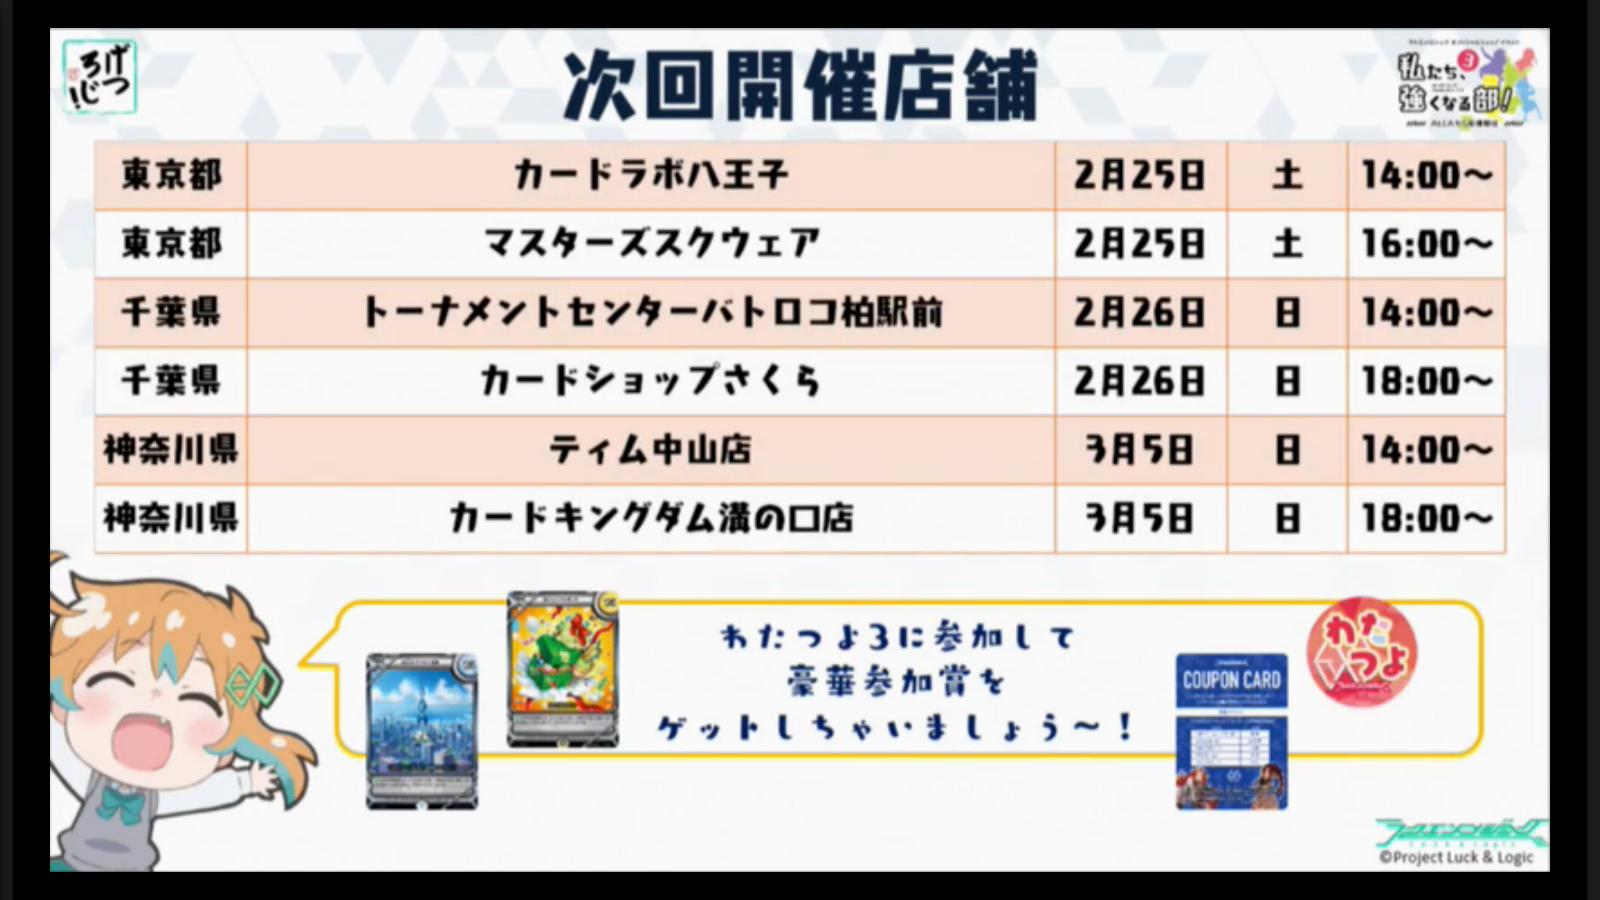 bshi-live-170220-010.jpg